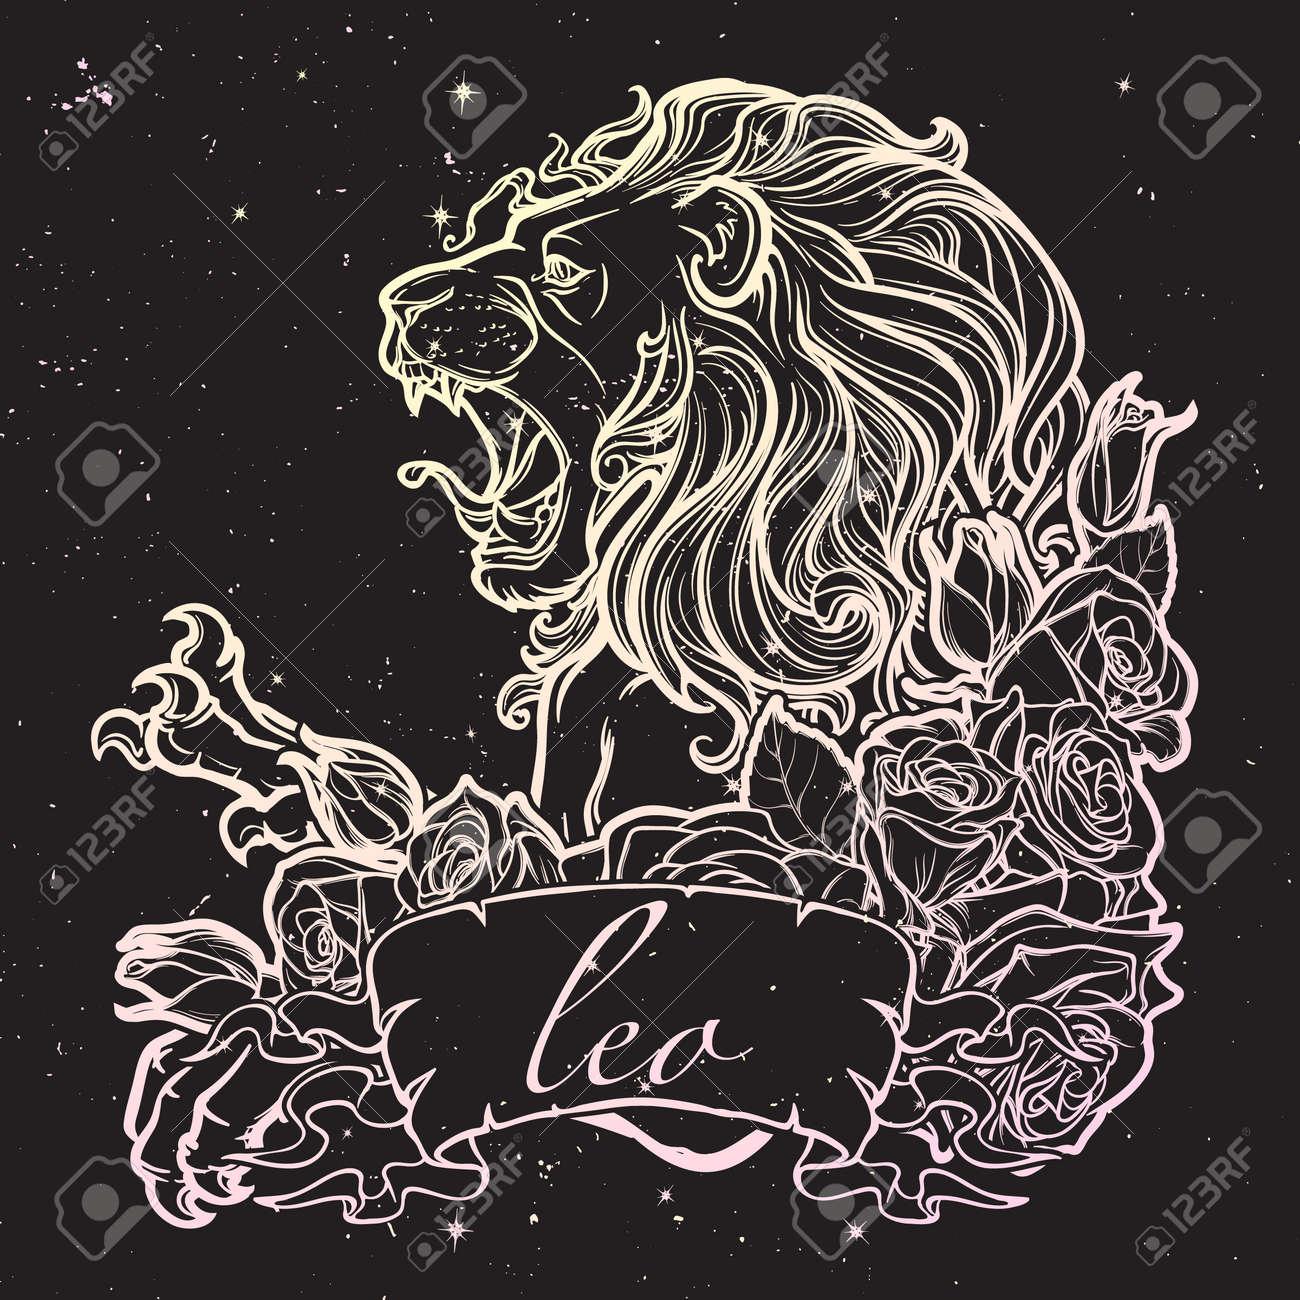 Sternzeichen Löwe Mit Einem Dekorativen Rahmen Von Rosen Astrologie ...